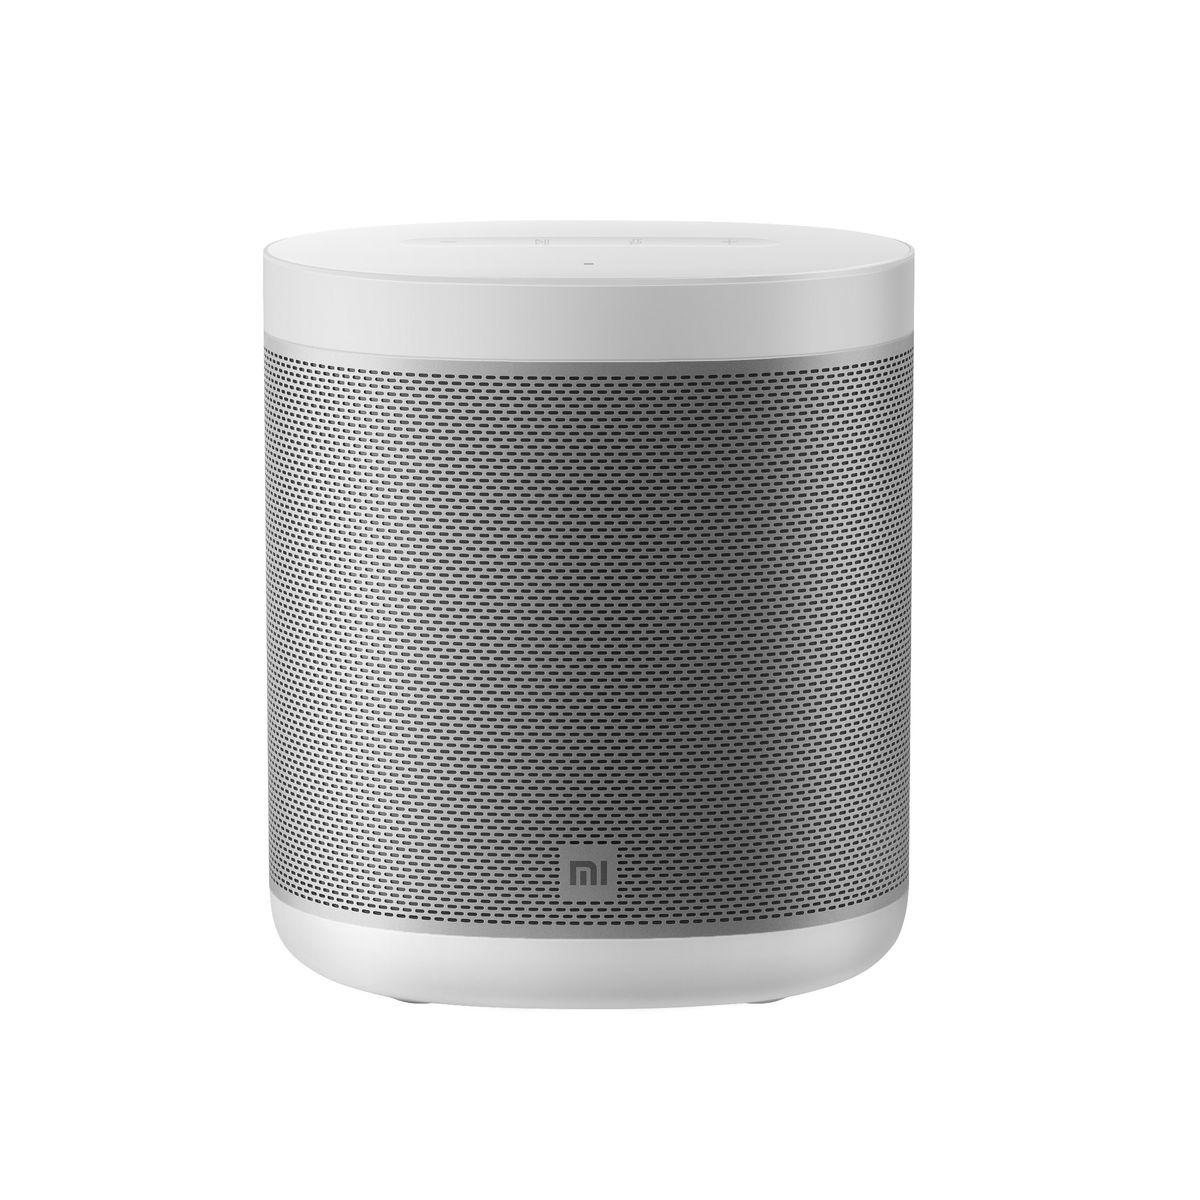 [Check24] Xiaomi Smart Speaker für 37,90€ inkl. Versand